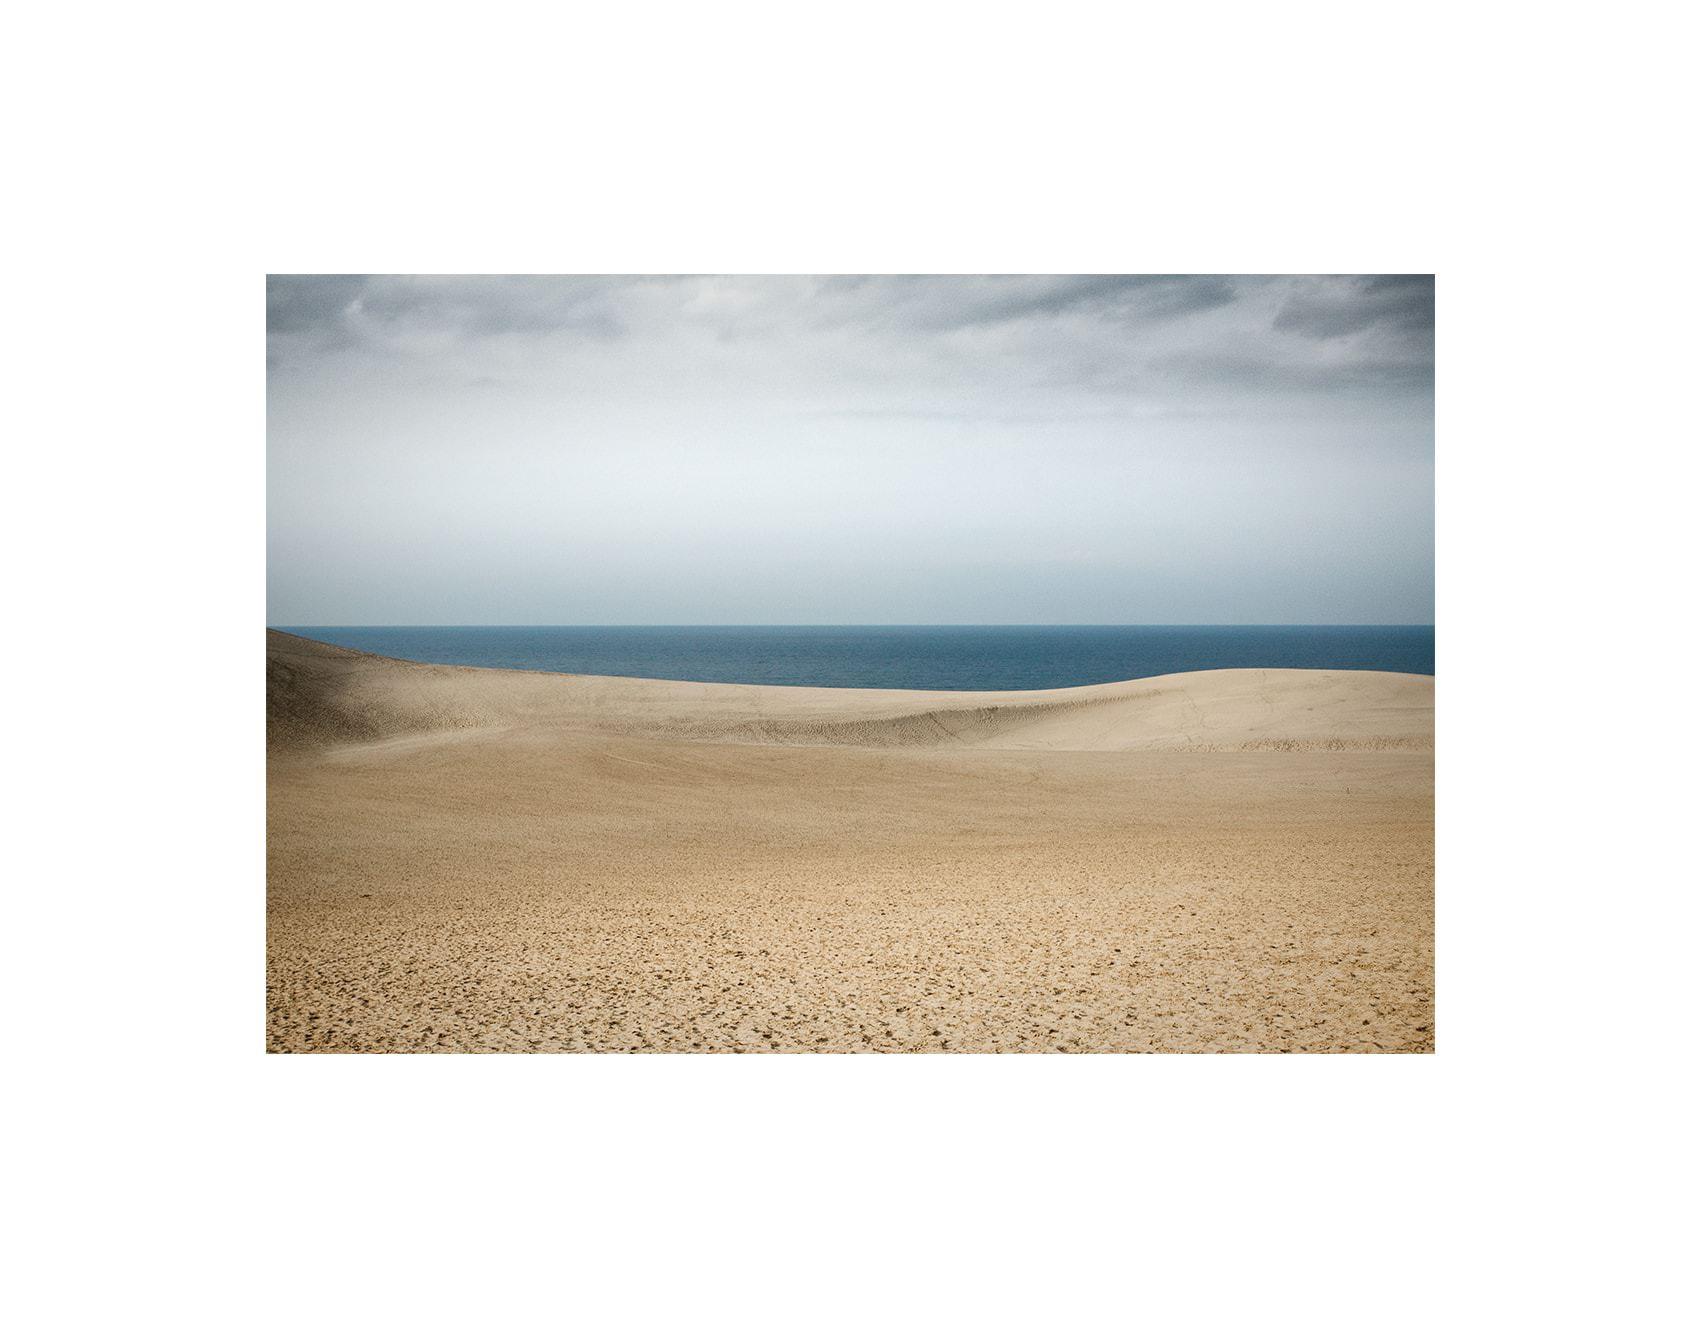 DJWFolio-Photography_PicturesToProve_5